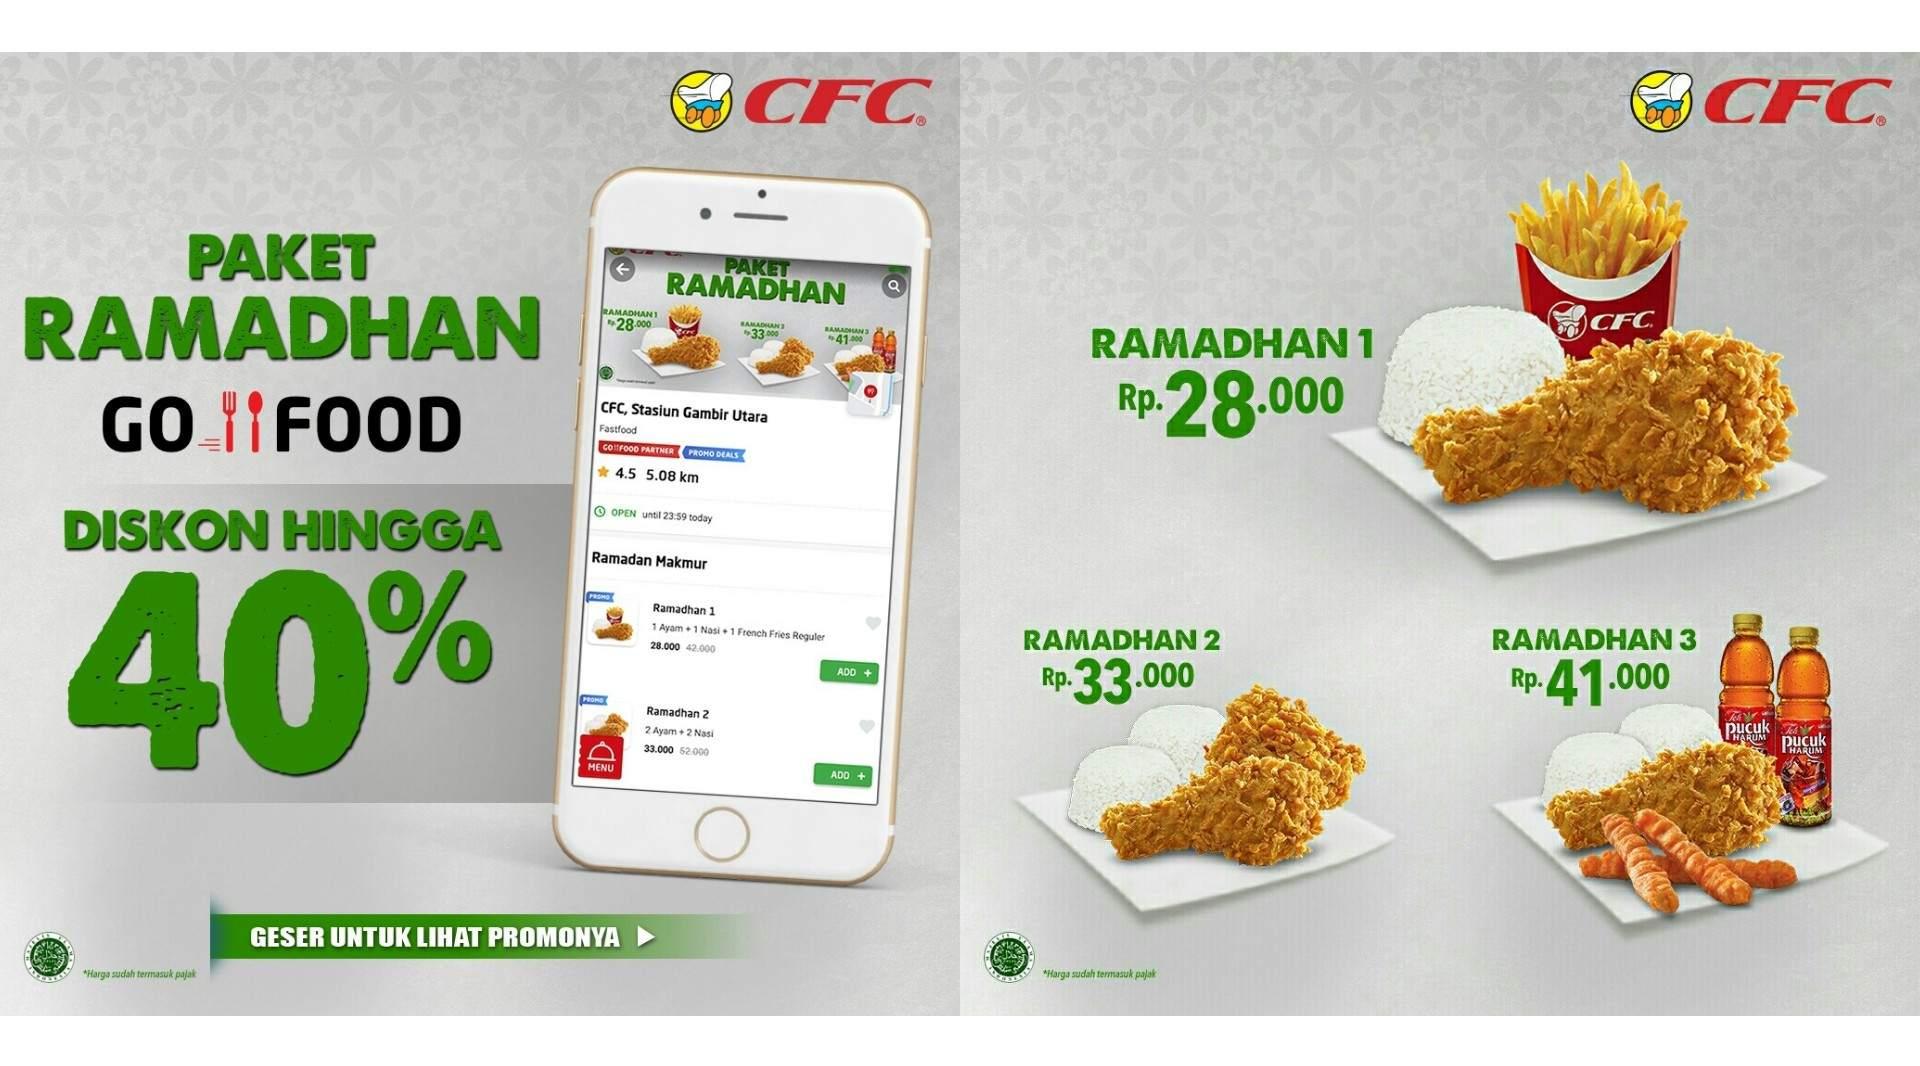 CFC Promo Paket Ramadhan GOFOOD Diskon Hingga 40%